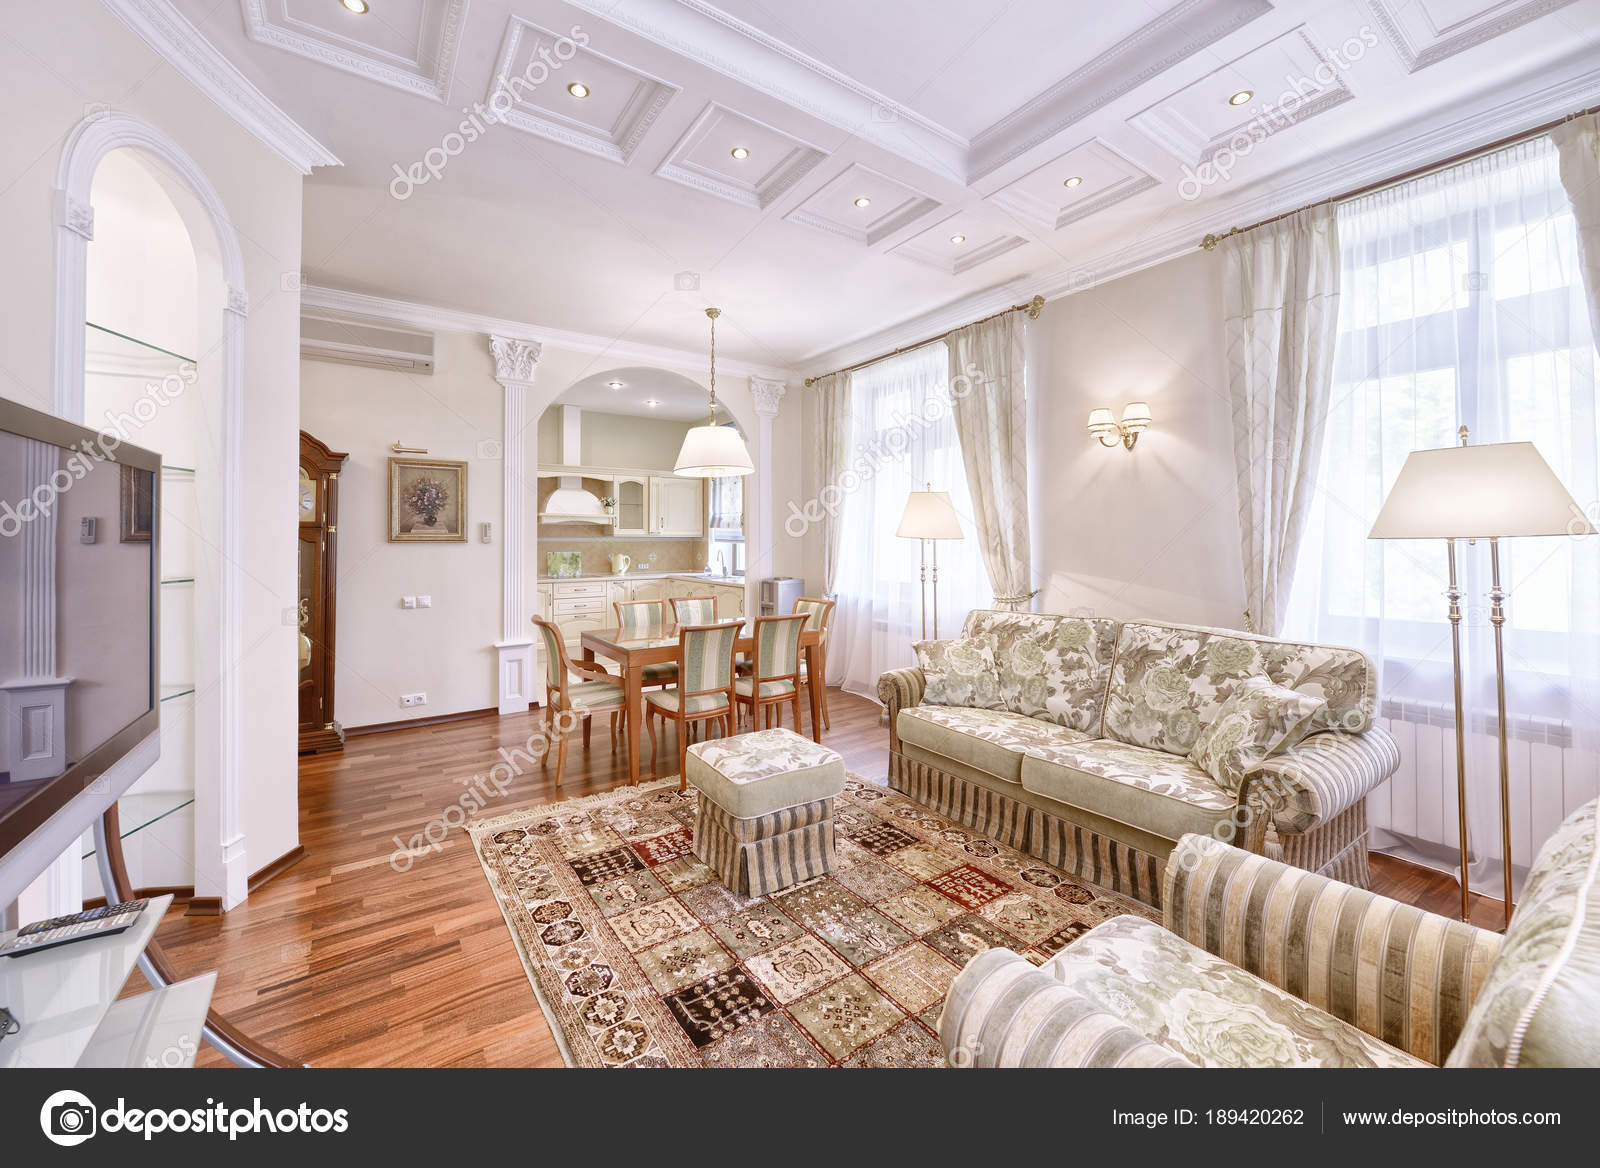 Interni del salotto stile classico una casa moderna foto stock ovchinnikovfoto 189420262 - Interni casa moderna ...